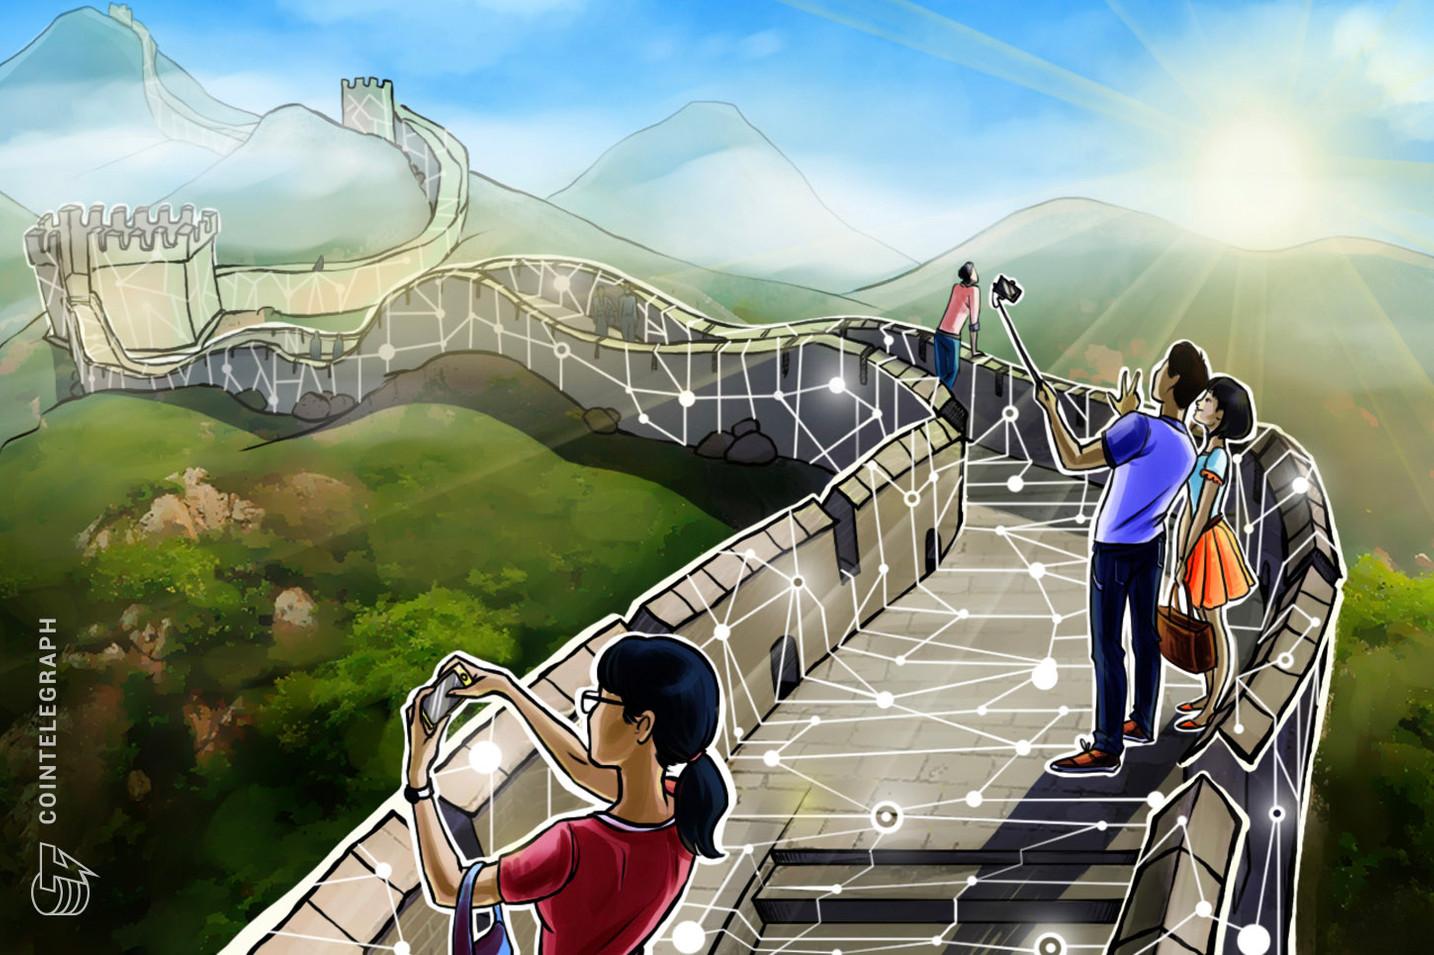 中国・上海市、金融機関らと国際貿易向けブロックチェーン連合を創設【ニュース】